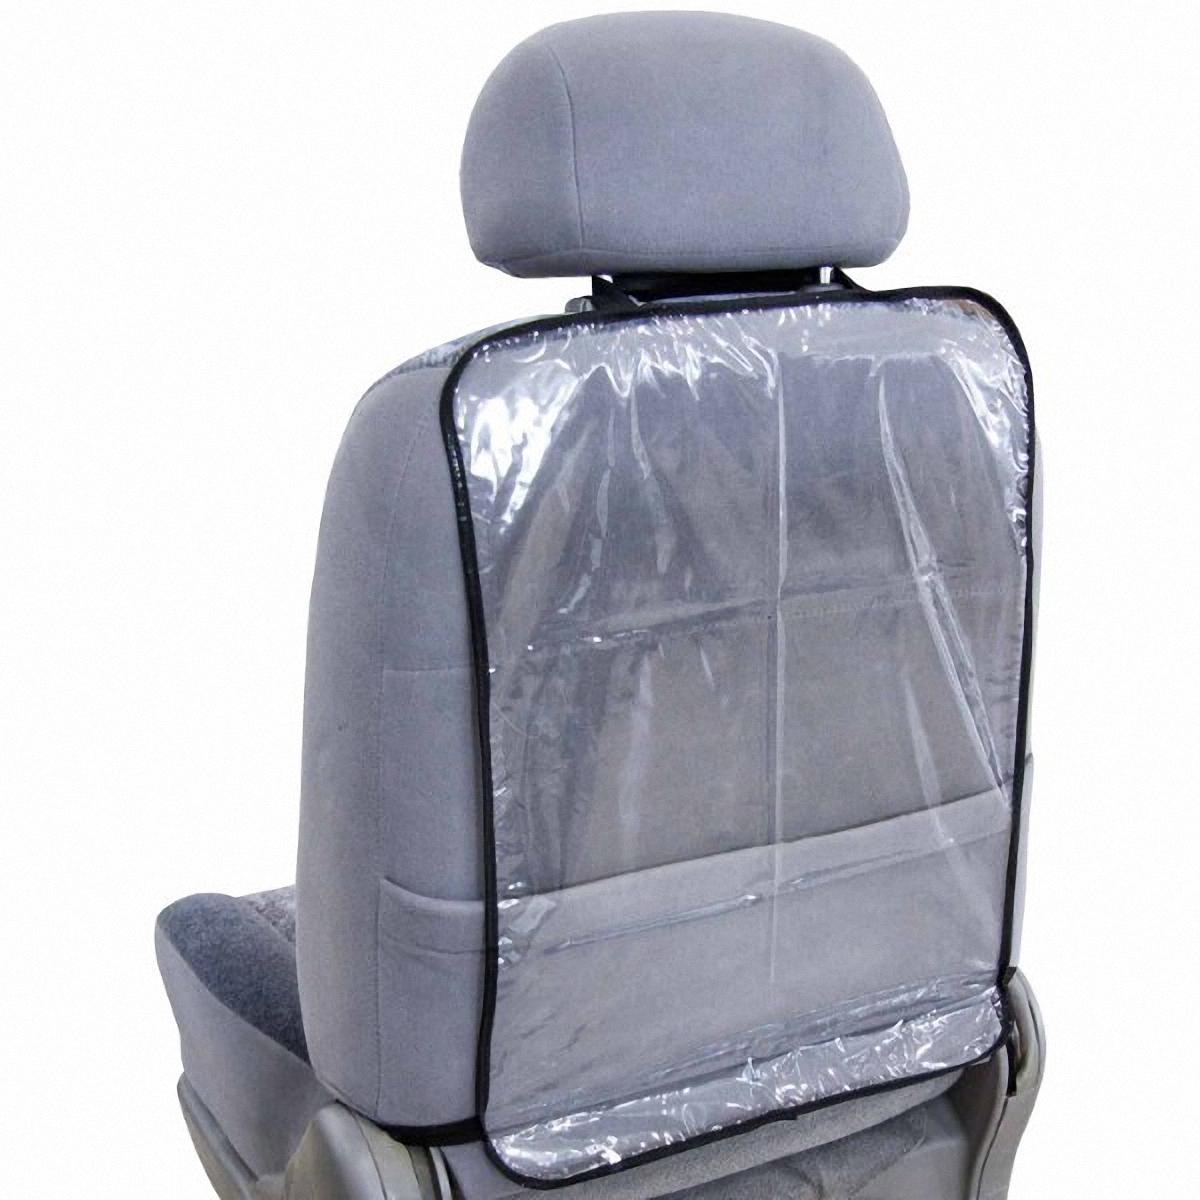 Накидка защитная Skyway, на спинку сидения, 37 х 55 см. S06101008S06101008Защита спинки сидения Skyway совмещает в себе функции органайзера и защиты спинки сиденья. Позволяет компактно разместить все необходимые автомобилисту инструменты и аксессуары: от отвертки до детских книг. При этом надежно защищает сиденье от загрязнений и повреждений. Органайзер оснащен карманом, изготовлен из водонепроницаемого и прочного материала. Легко устанавливается и не требует дополнительного ухода. Размер изделия: 37 х 55 см.